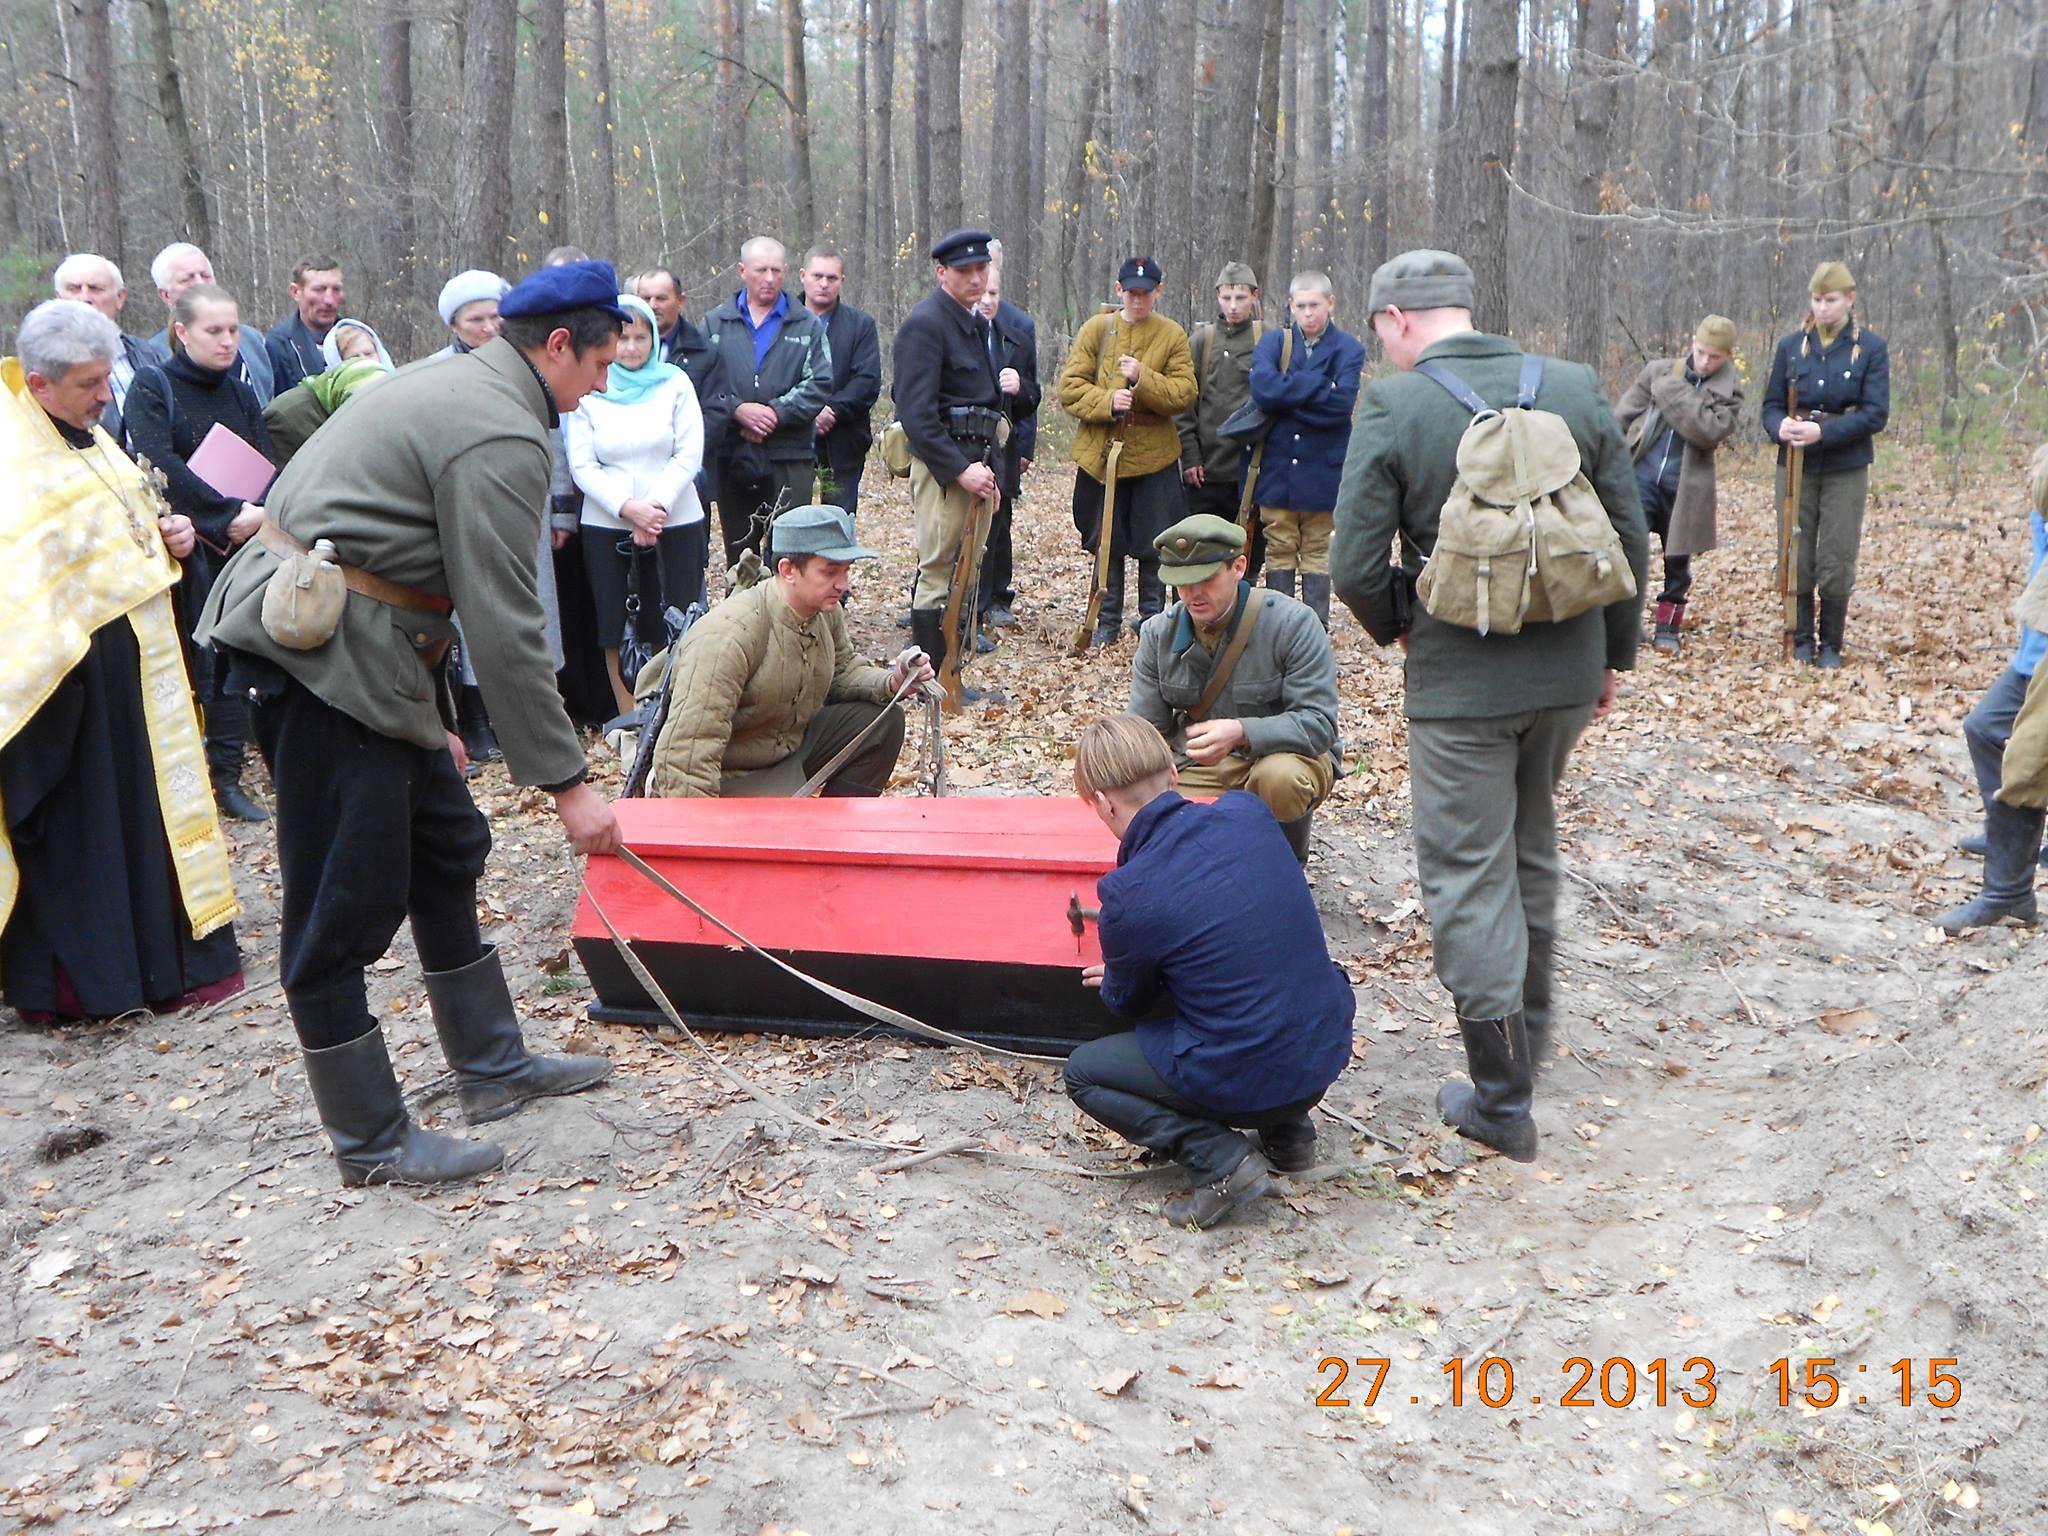 Перепоховання воїнів УПА поблизу хутора Поруб Березнівського району Рівненської області.